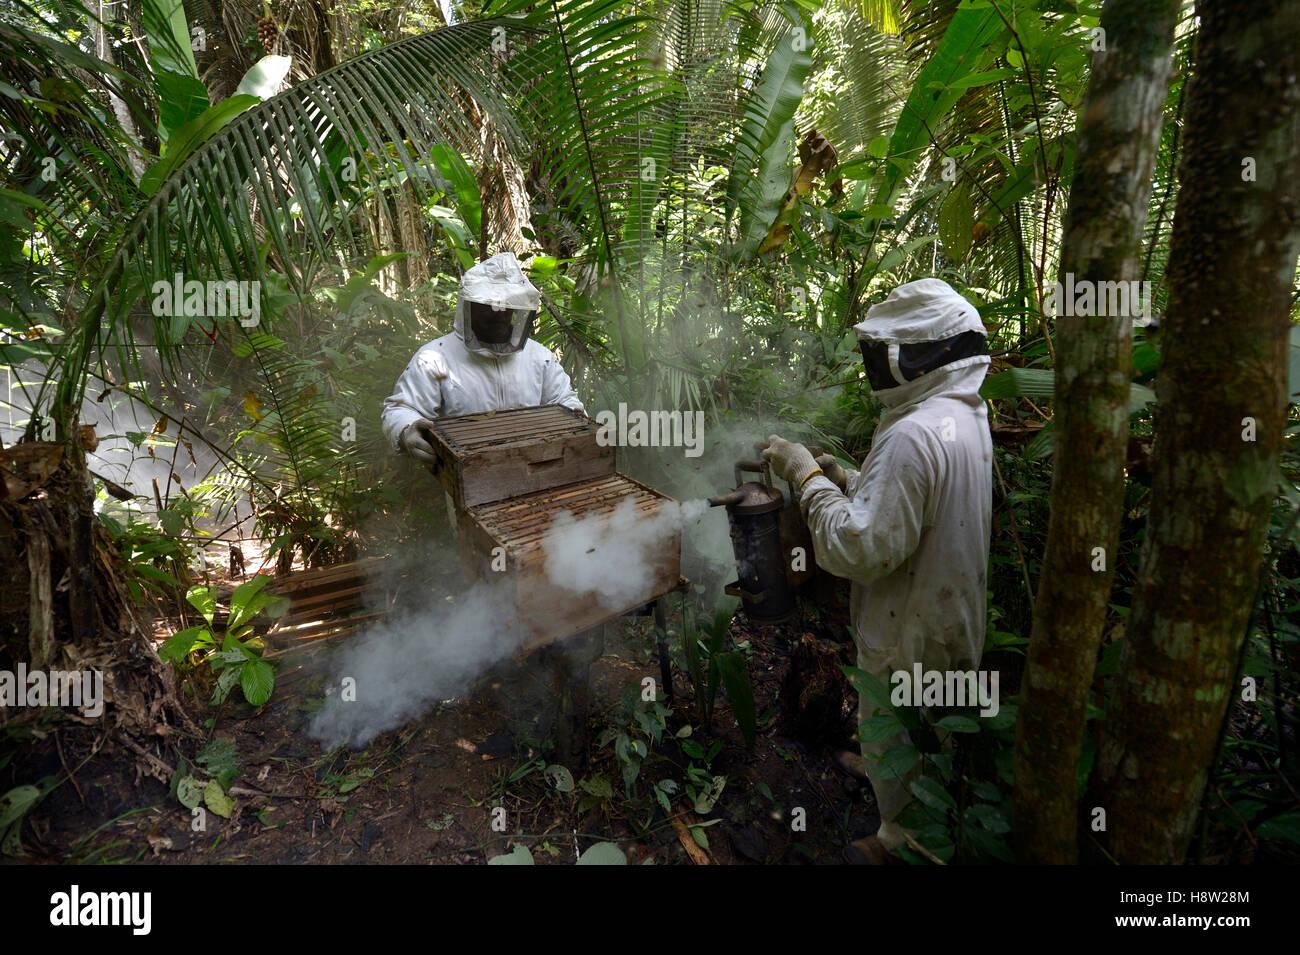 Les apiculteurs avec deux ruches dans la forêt amazonienne, abeille à miel (Apis mellifera), Asentamento Areia, Banque D'Images